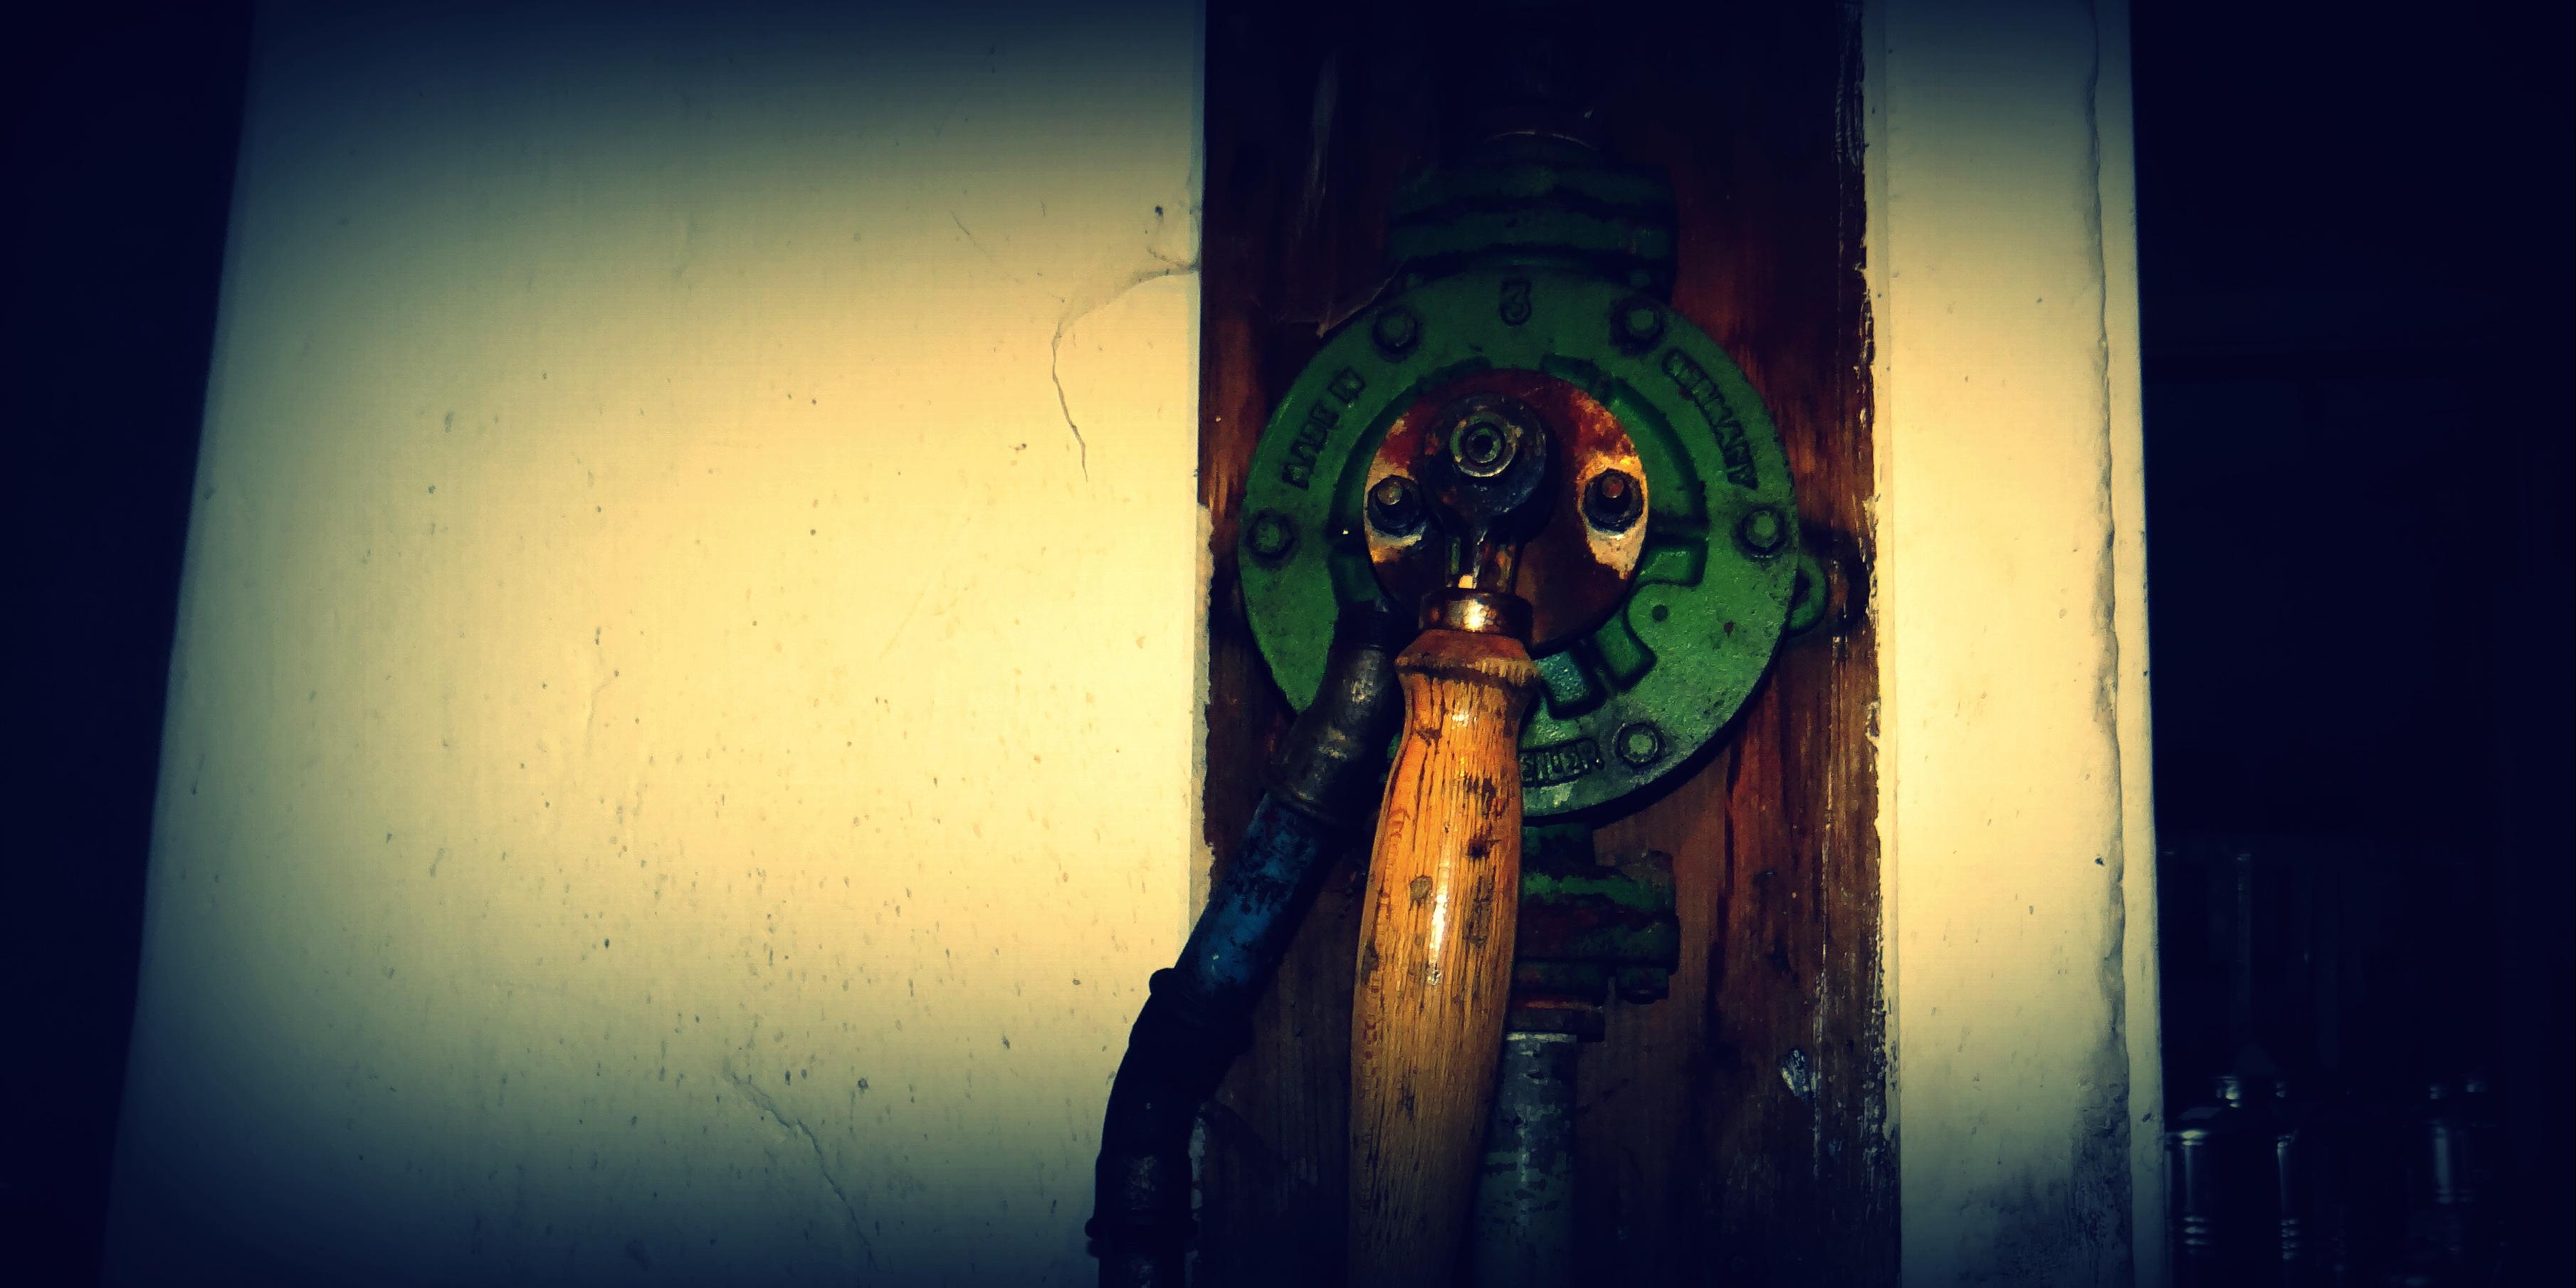 Cranky Turtle: Geduld bei der Herstellung- Geduld beim Bezug